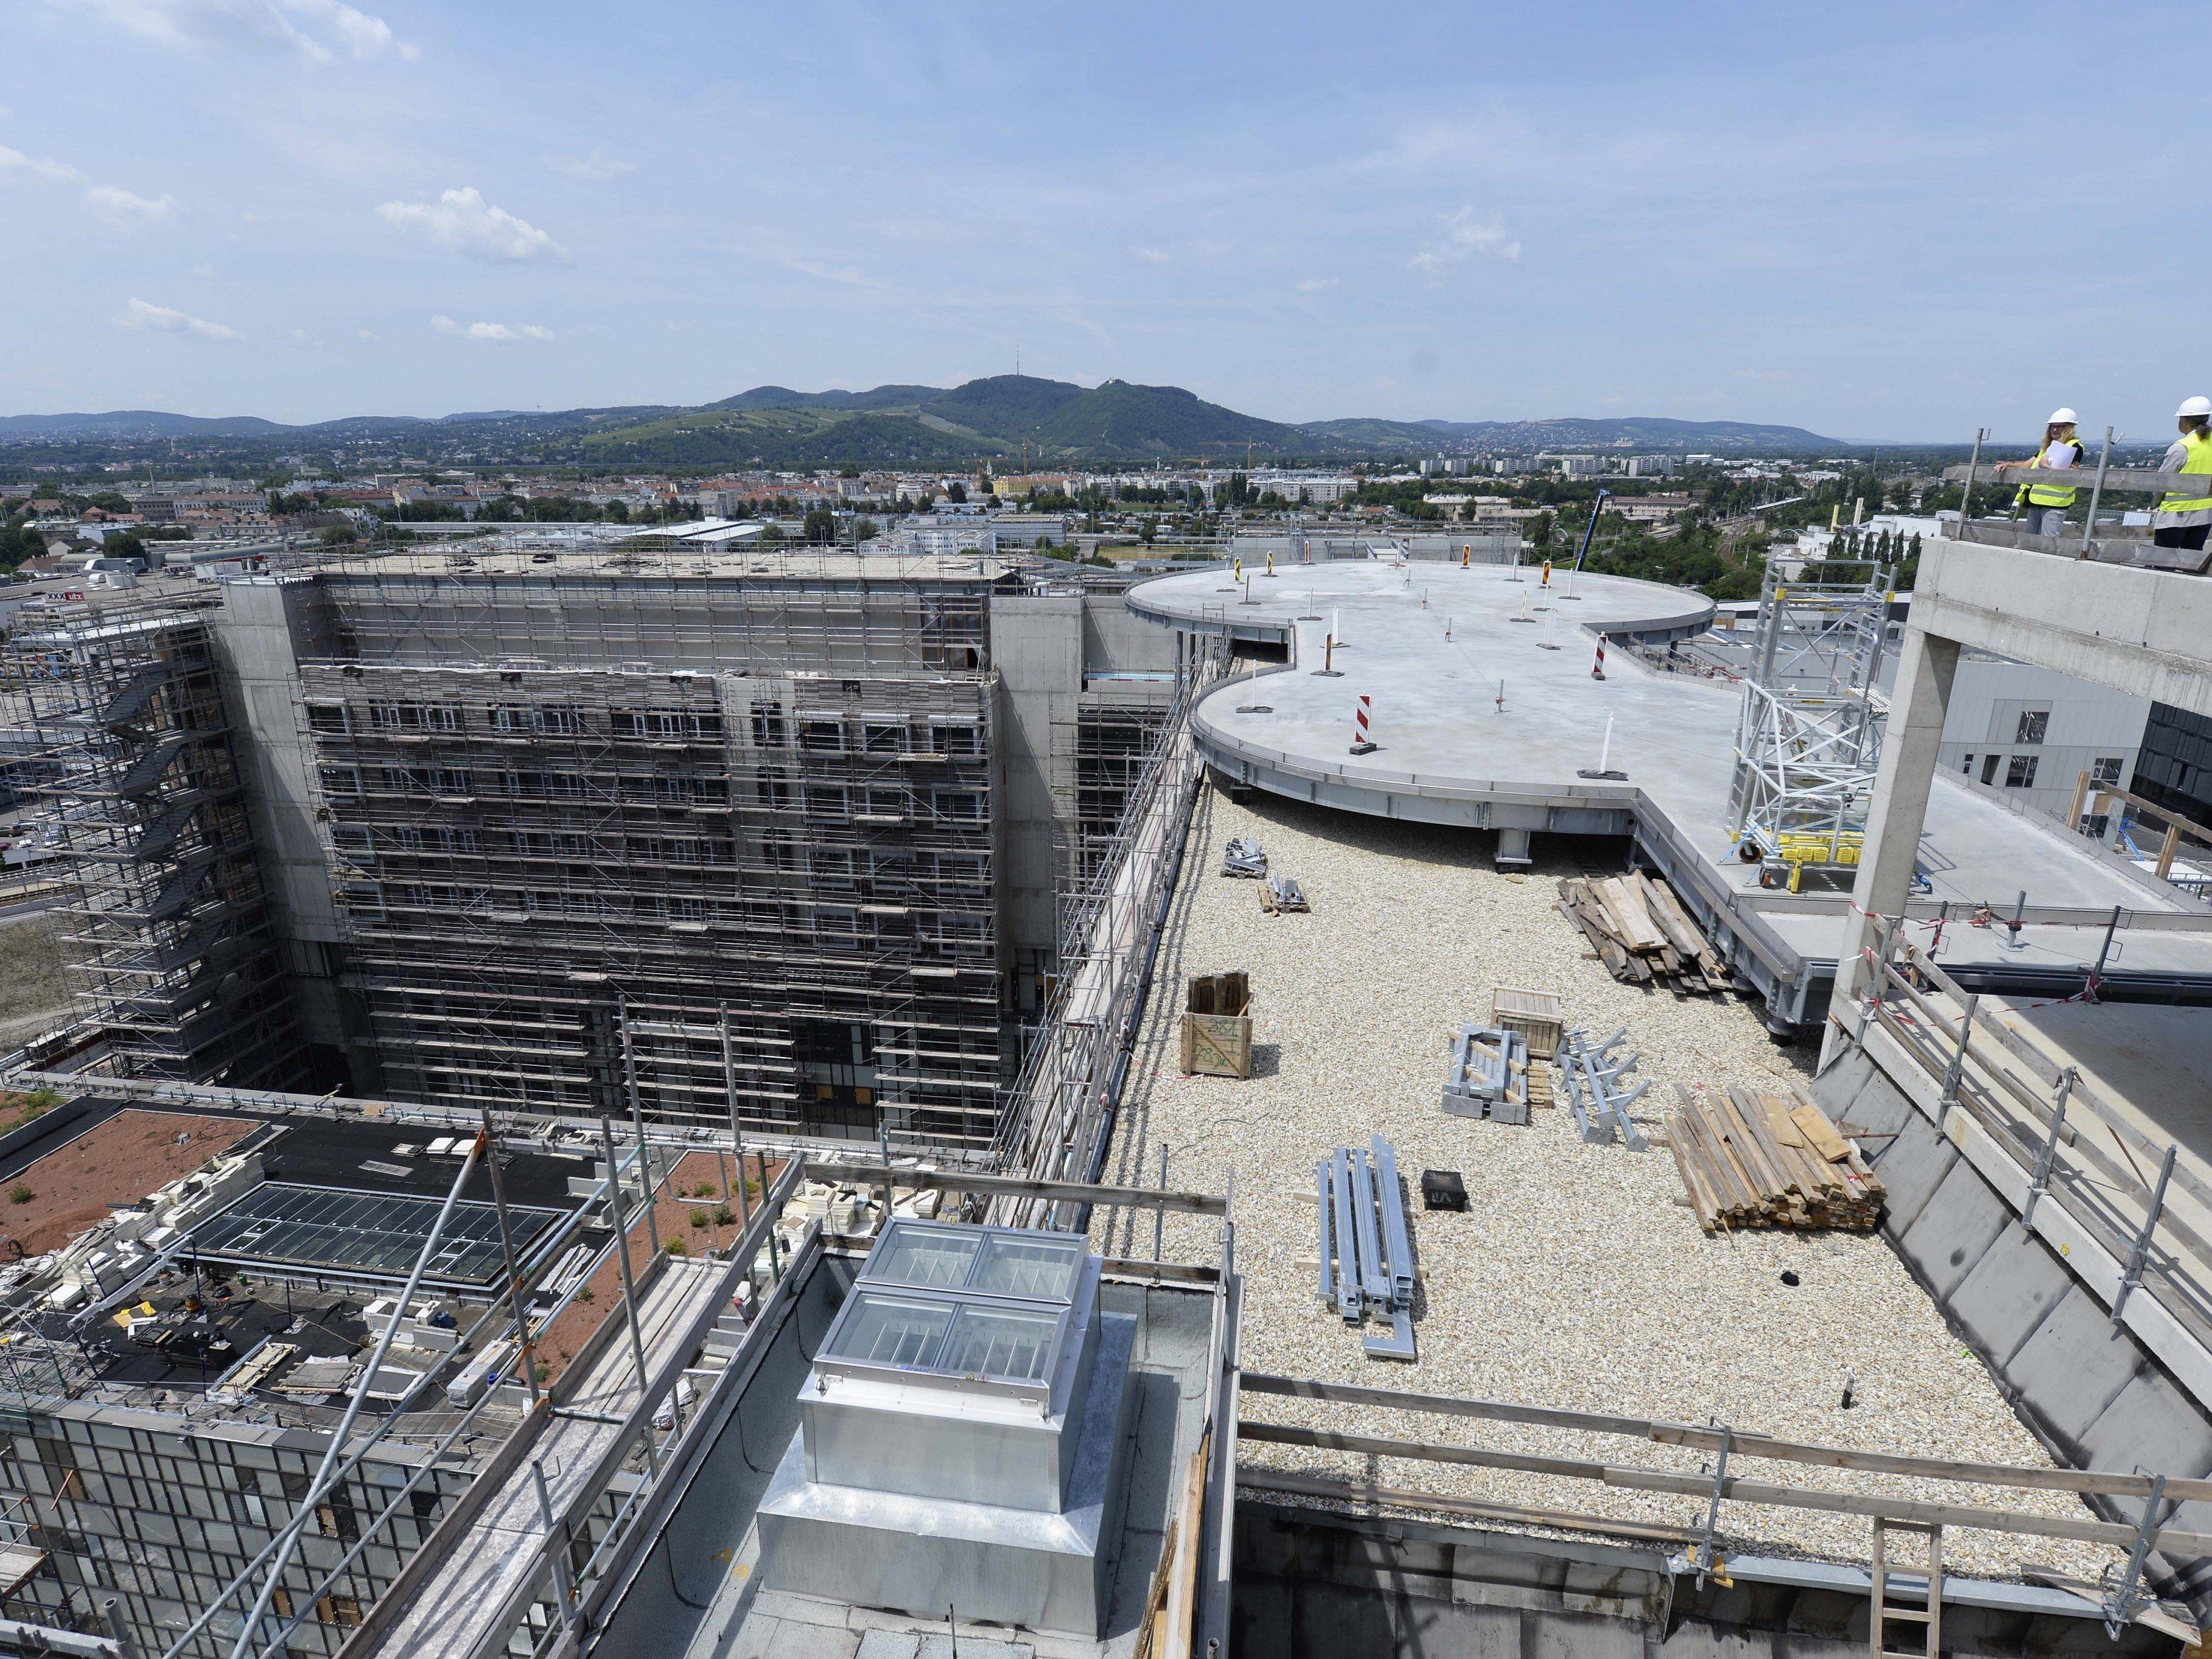 Krankenhaus Nord-Fertigstellung verzögert sich